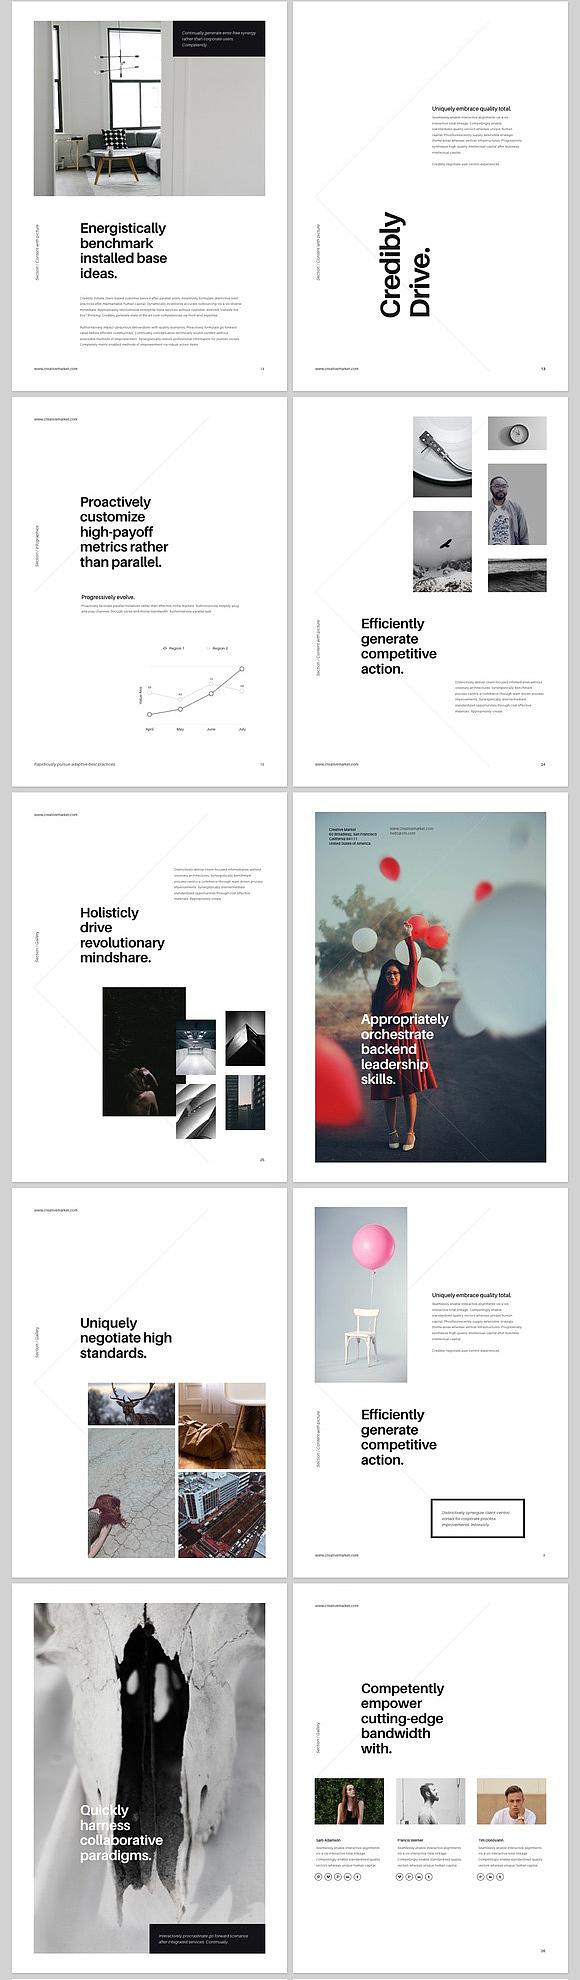 画册杂志风格排版ppt模板a4高清打印尺寸图片